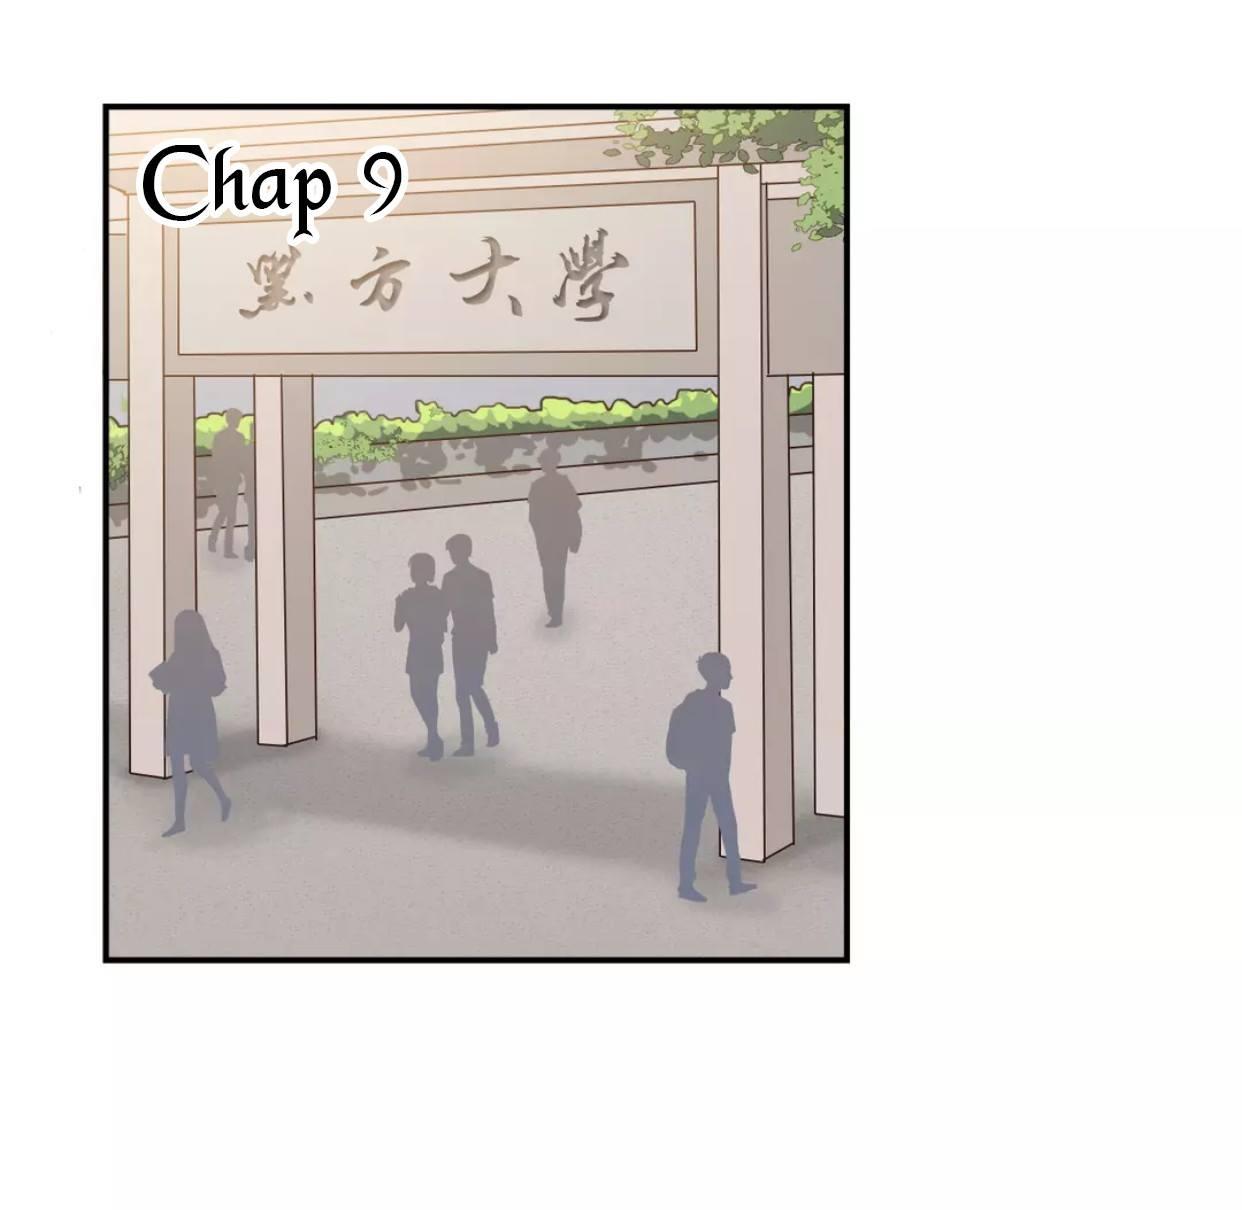 Viên Đường Màu Đen Chap 9 - Next Chap 10